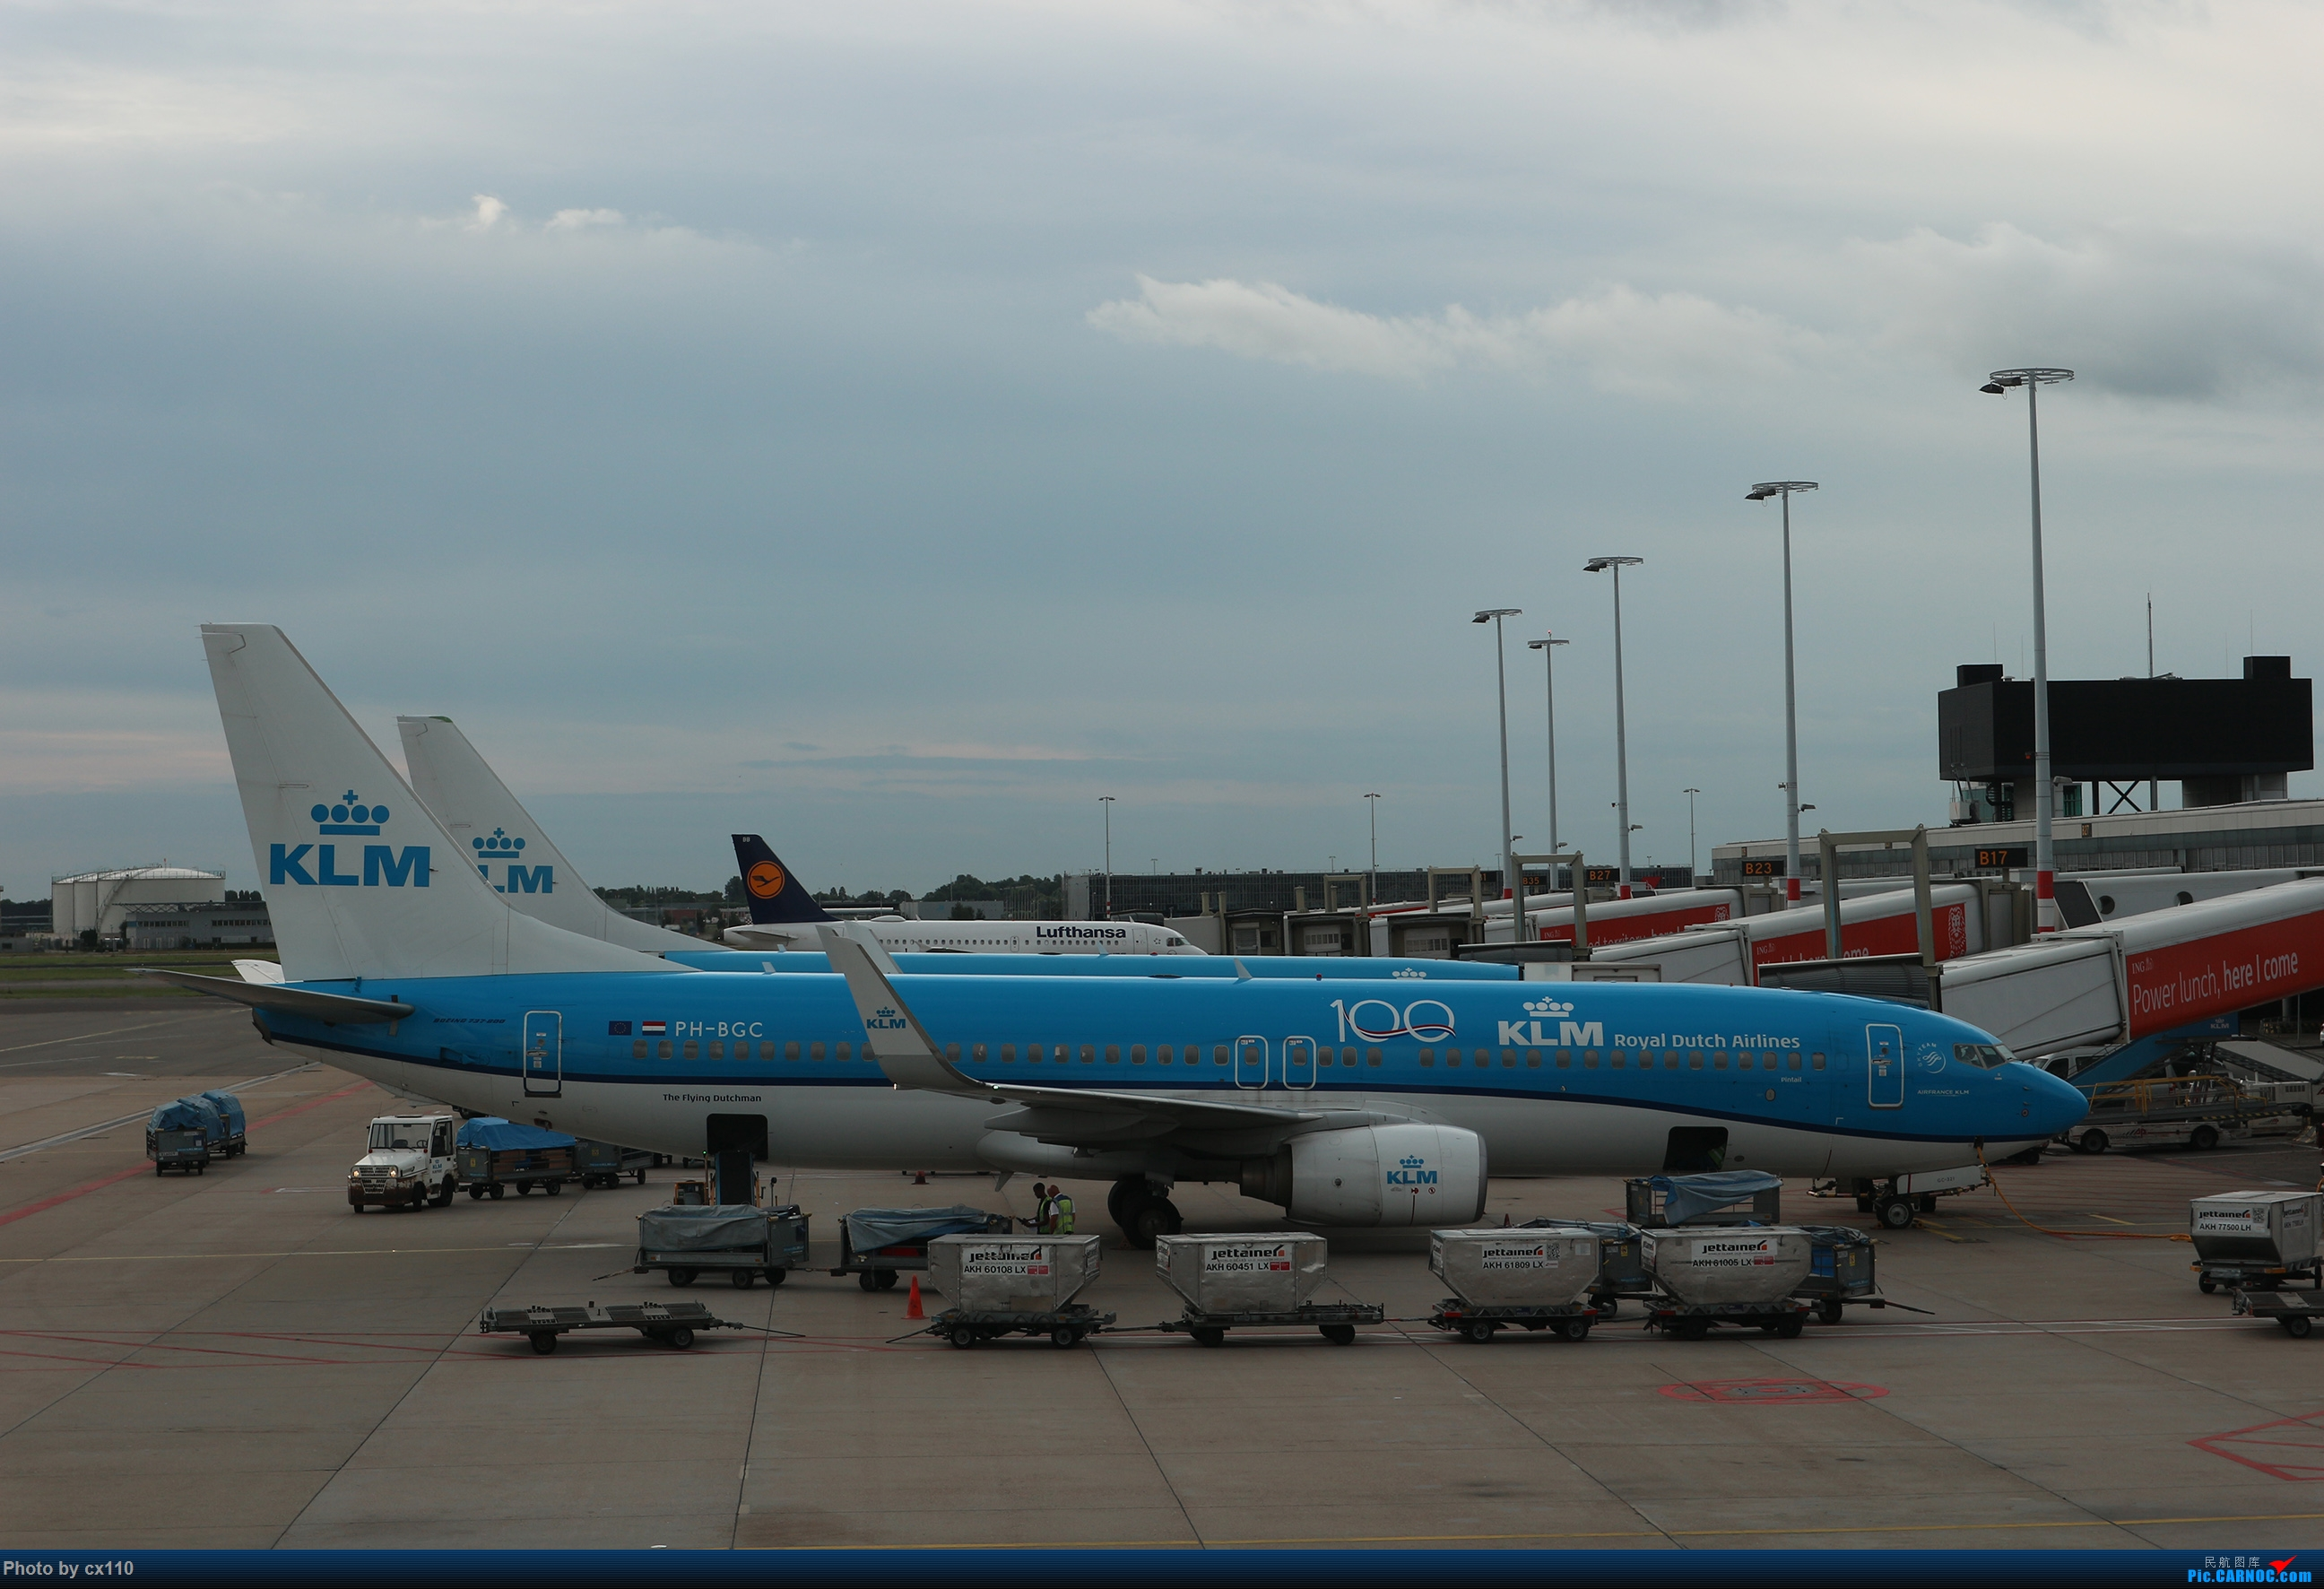 Re:[原创]欧洲机场拍机记-柏林/赫尔辛基/布拉格 BOEING 737-800 PH-BGC 荷兰阿姆斯特丹史基浦机场